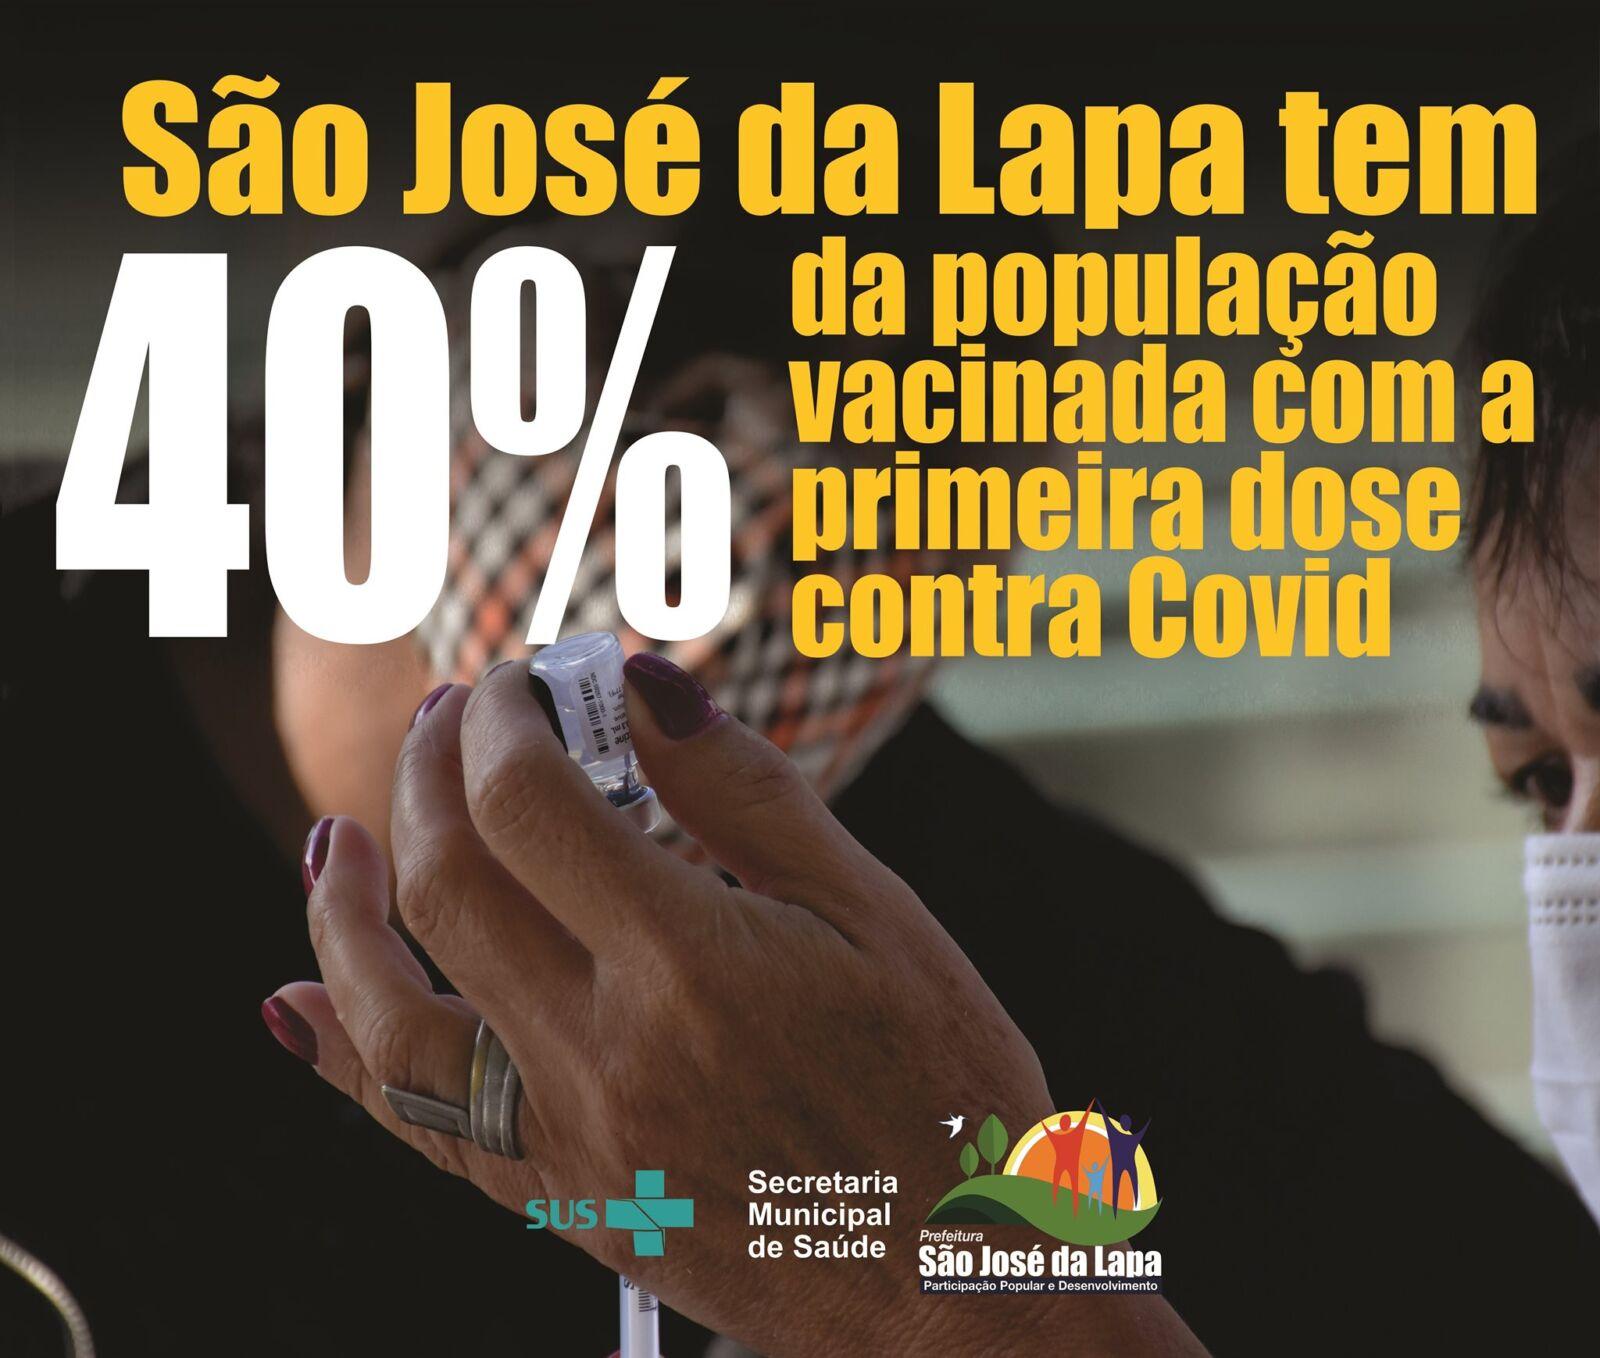 Prefeitura de São José da Lapa tem 40% da população vacinada com a primeira dose contra a Covid-19